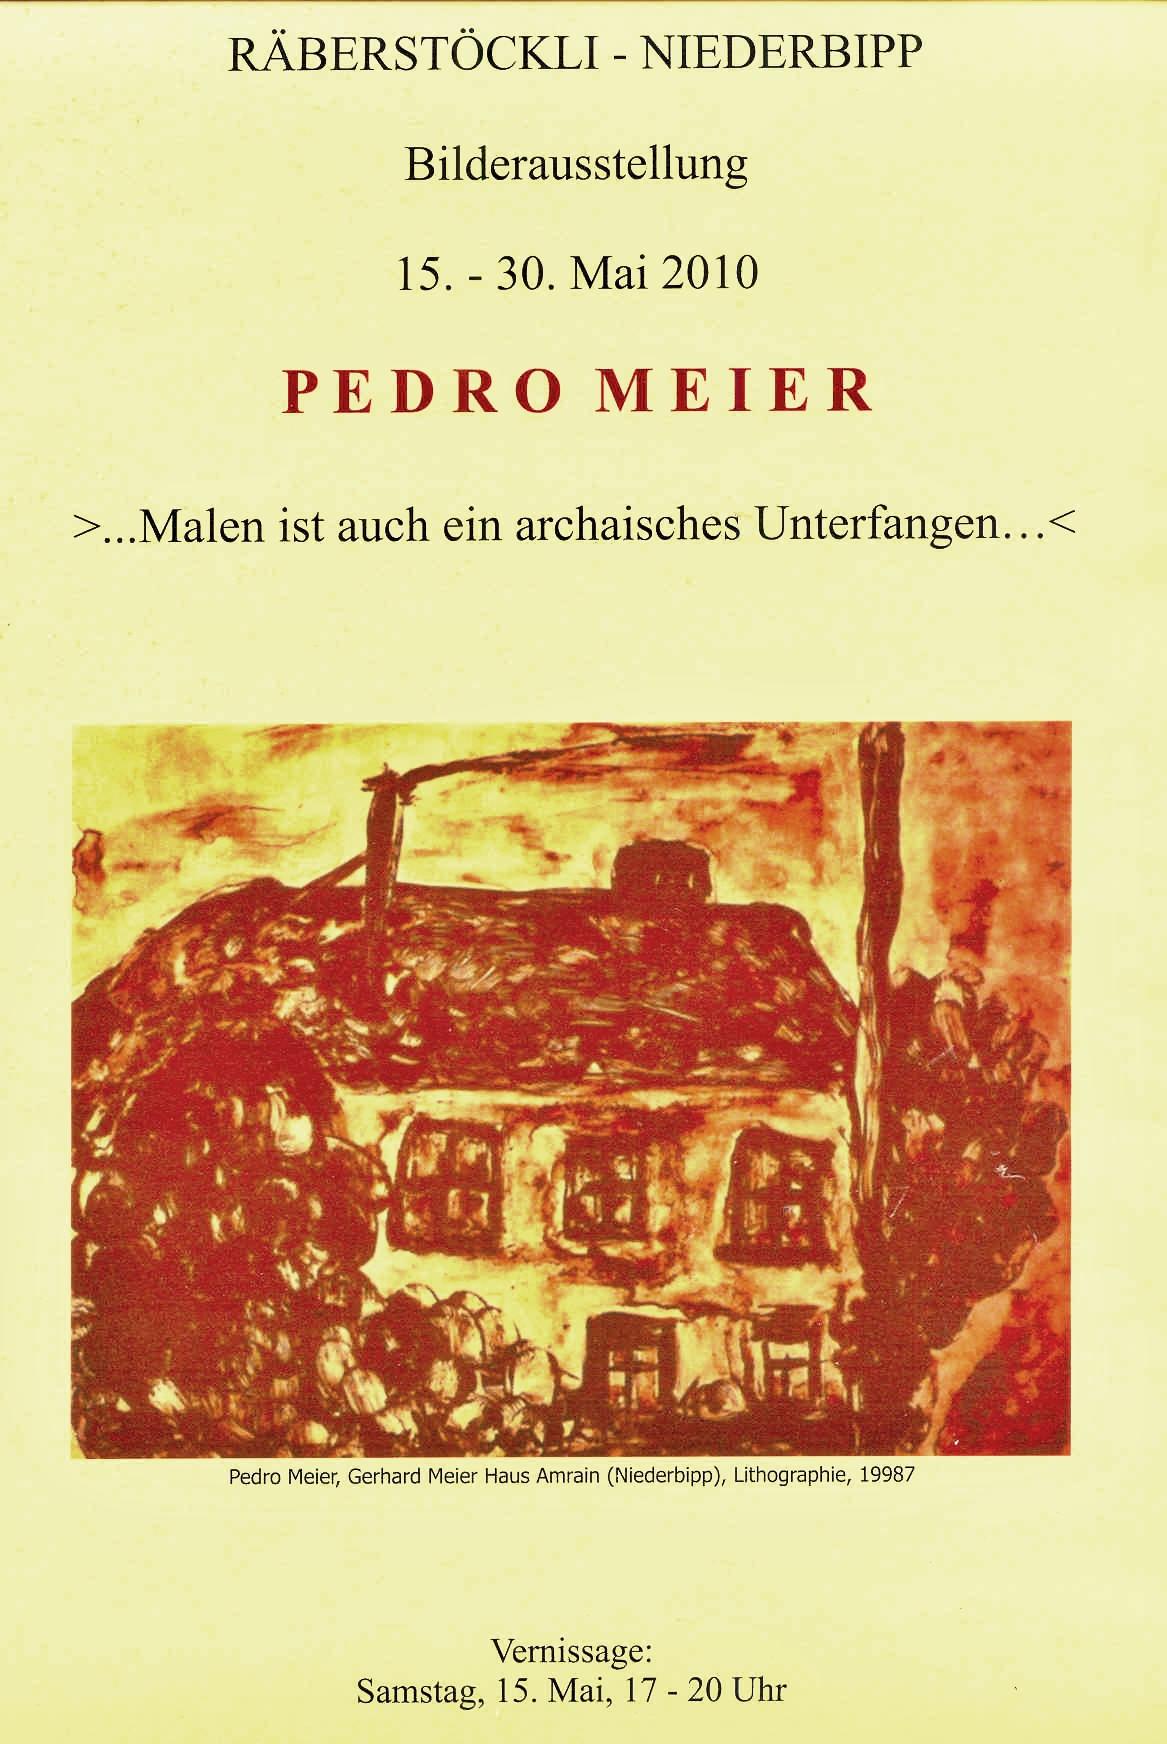 Pedro Meier – Ausstellungsplakat – »… Malen ist auch ein archaisches Unterfangen…« 2010 – Kulturverein Niederbipp Räberstöckli – Foto © Pedro Meier Multimedia Artist